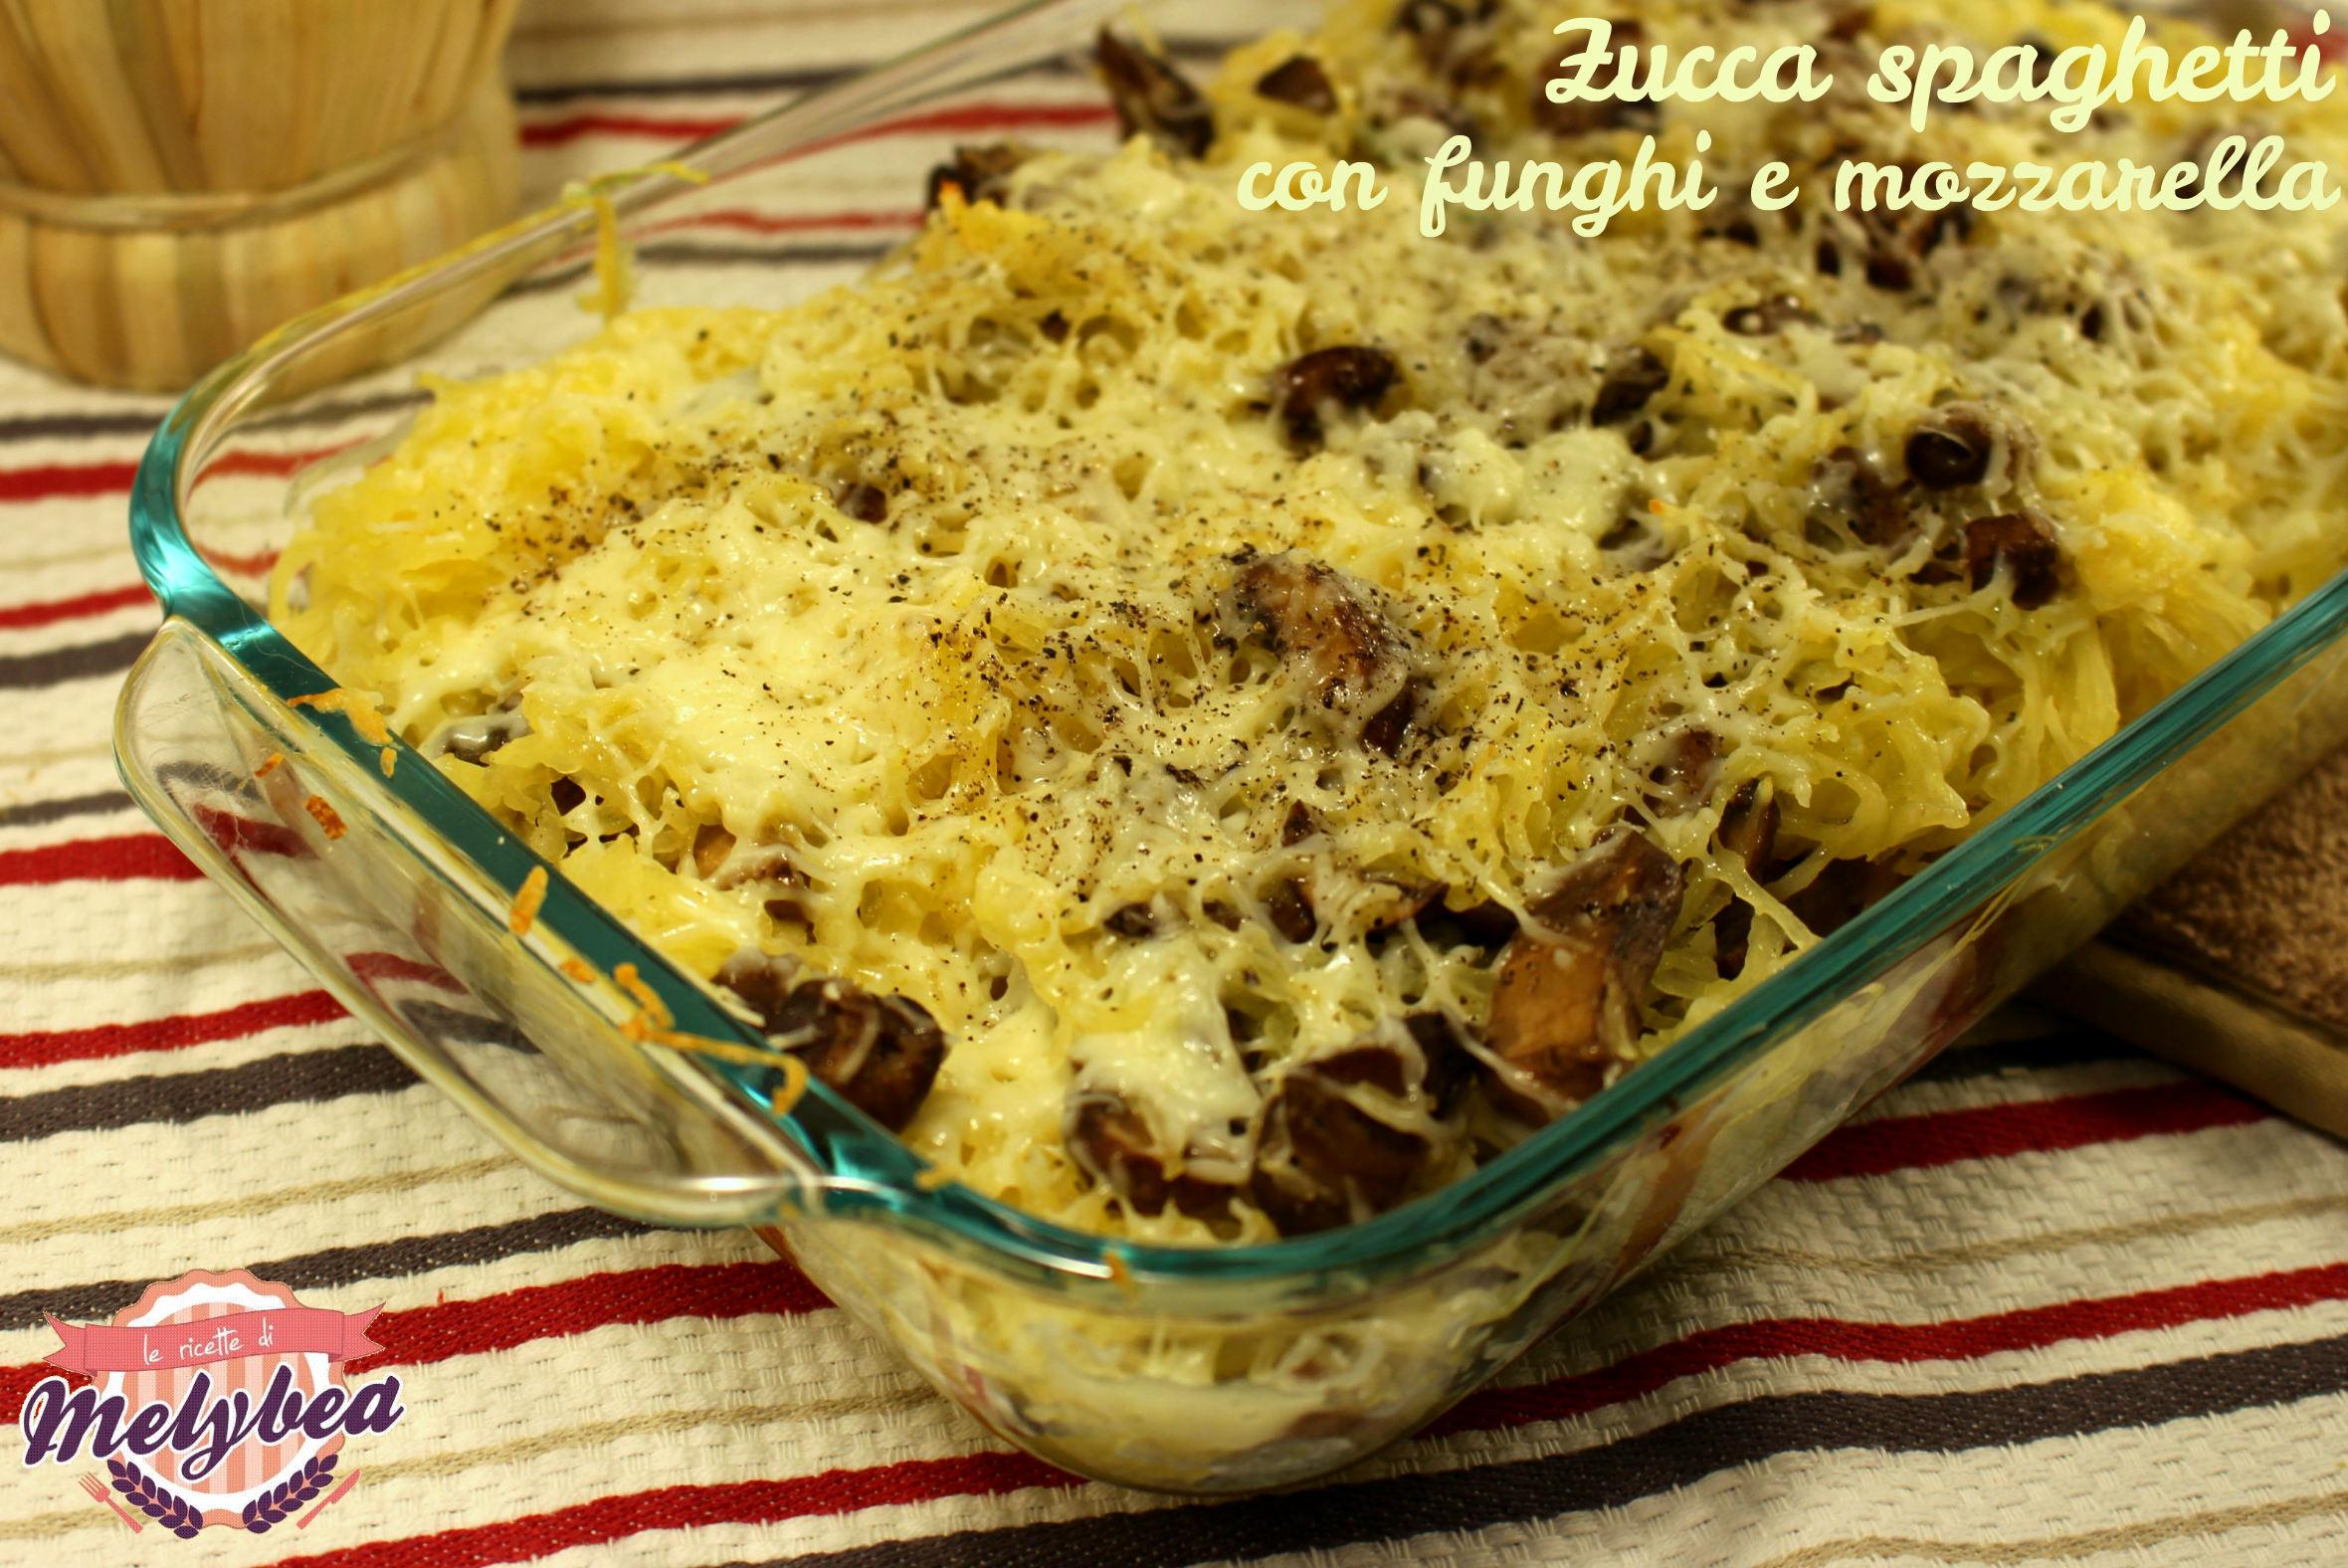 zucca spaghetti con funghi e mozzarella